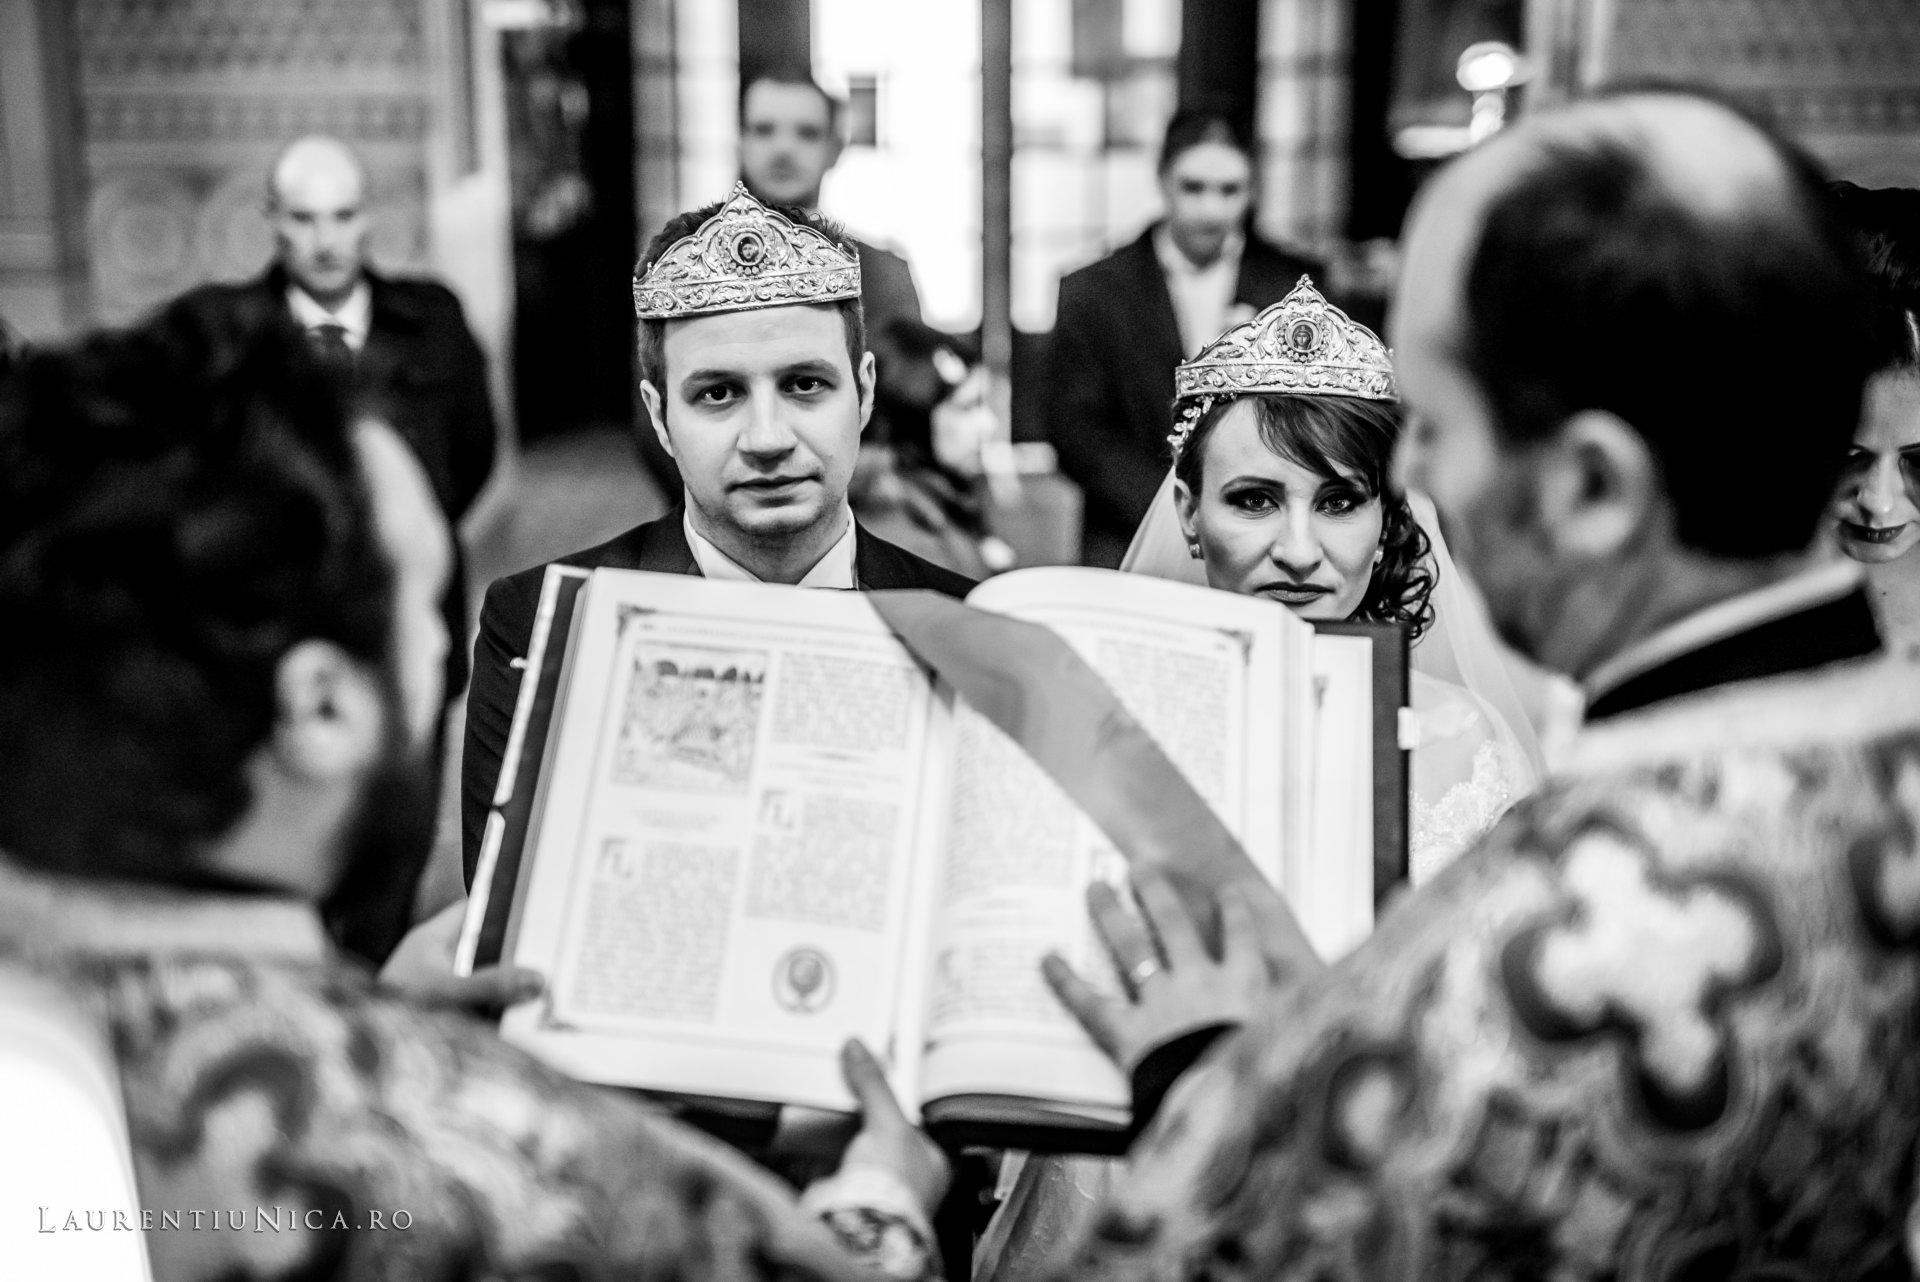 daniela si marius fotografii nunta craiova laurentiu nica24 - Daniela & Marius | Fotografii nunta